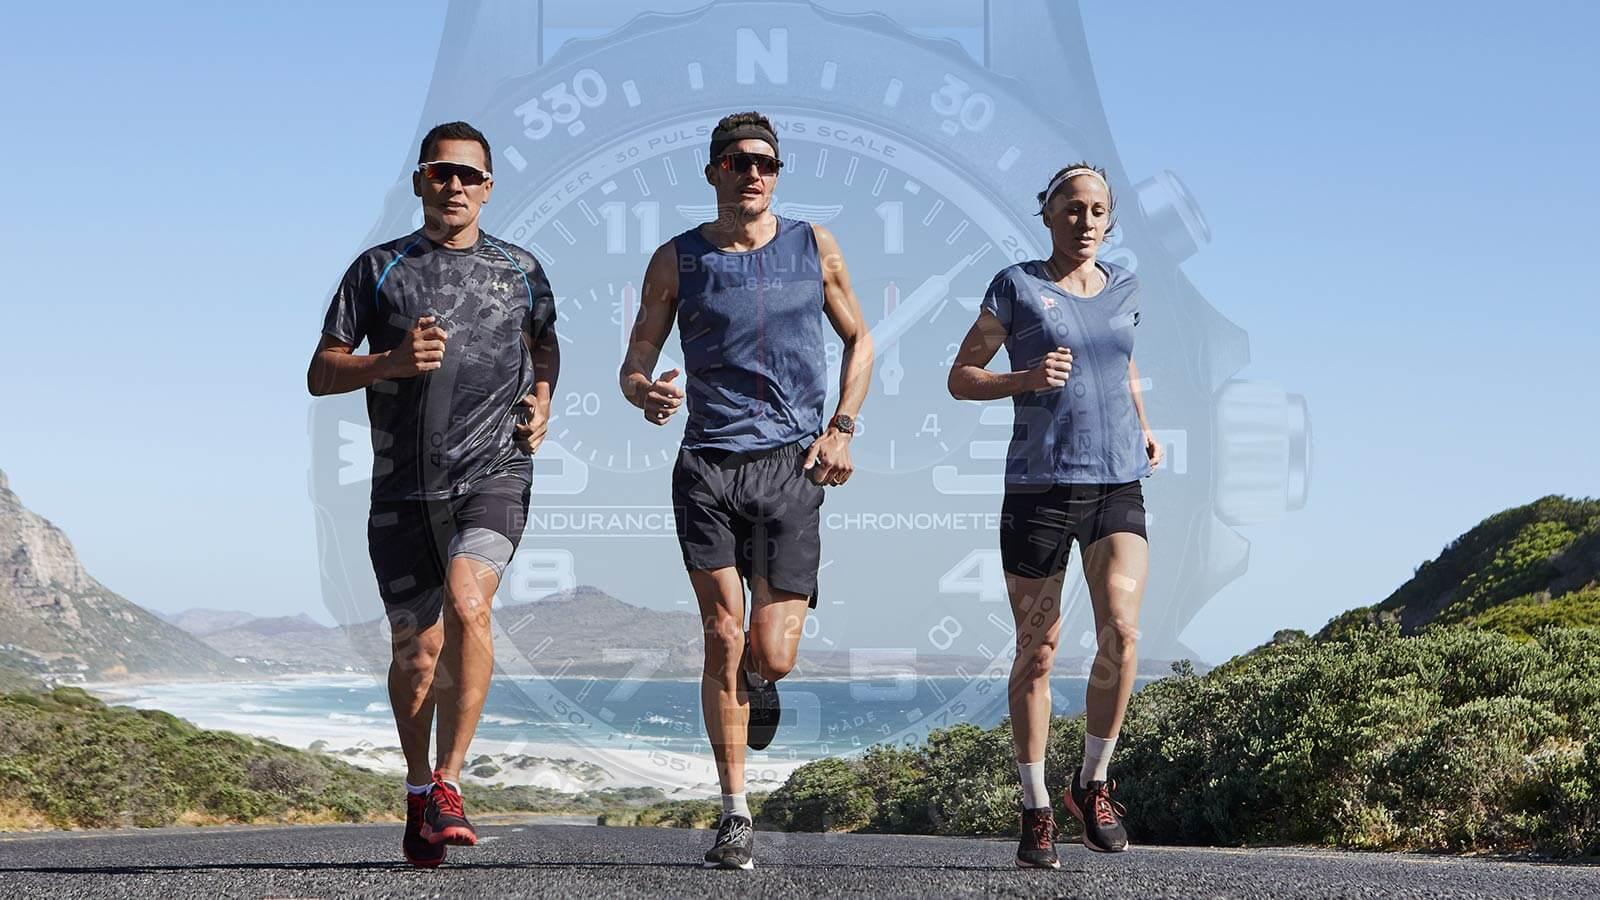 Die drei Sportler, die als Testimonials für die neue Endurance Pro von Breitling ausgewählt wurden. V.l.n.r.: Chris McCormack, Jan Frodeno, Daniela Ryf